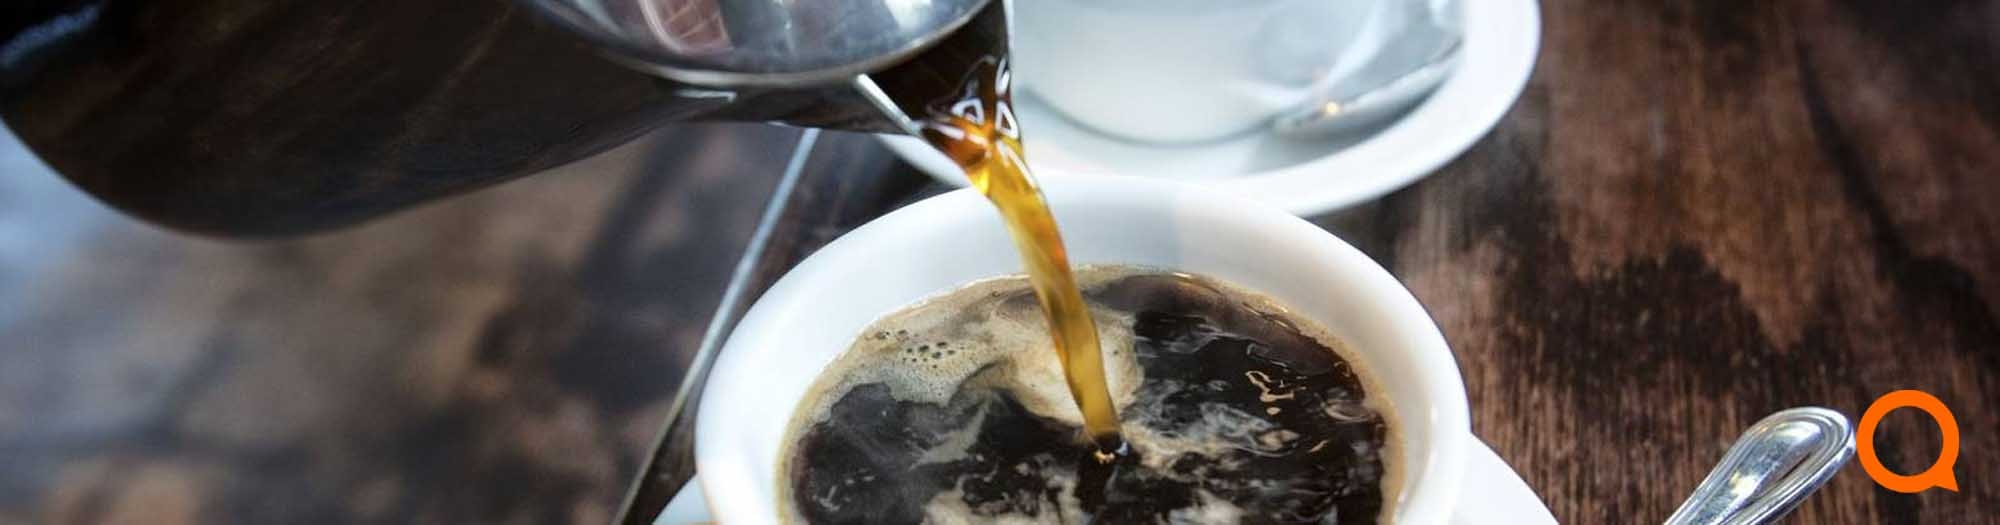 Koffie gemalen